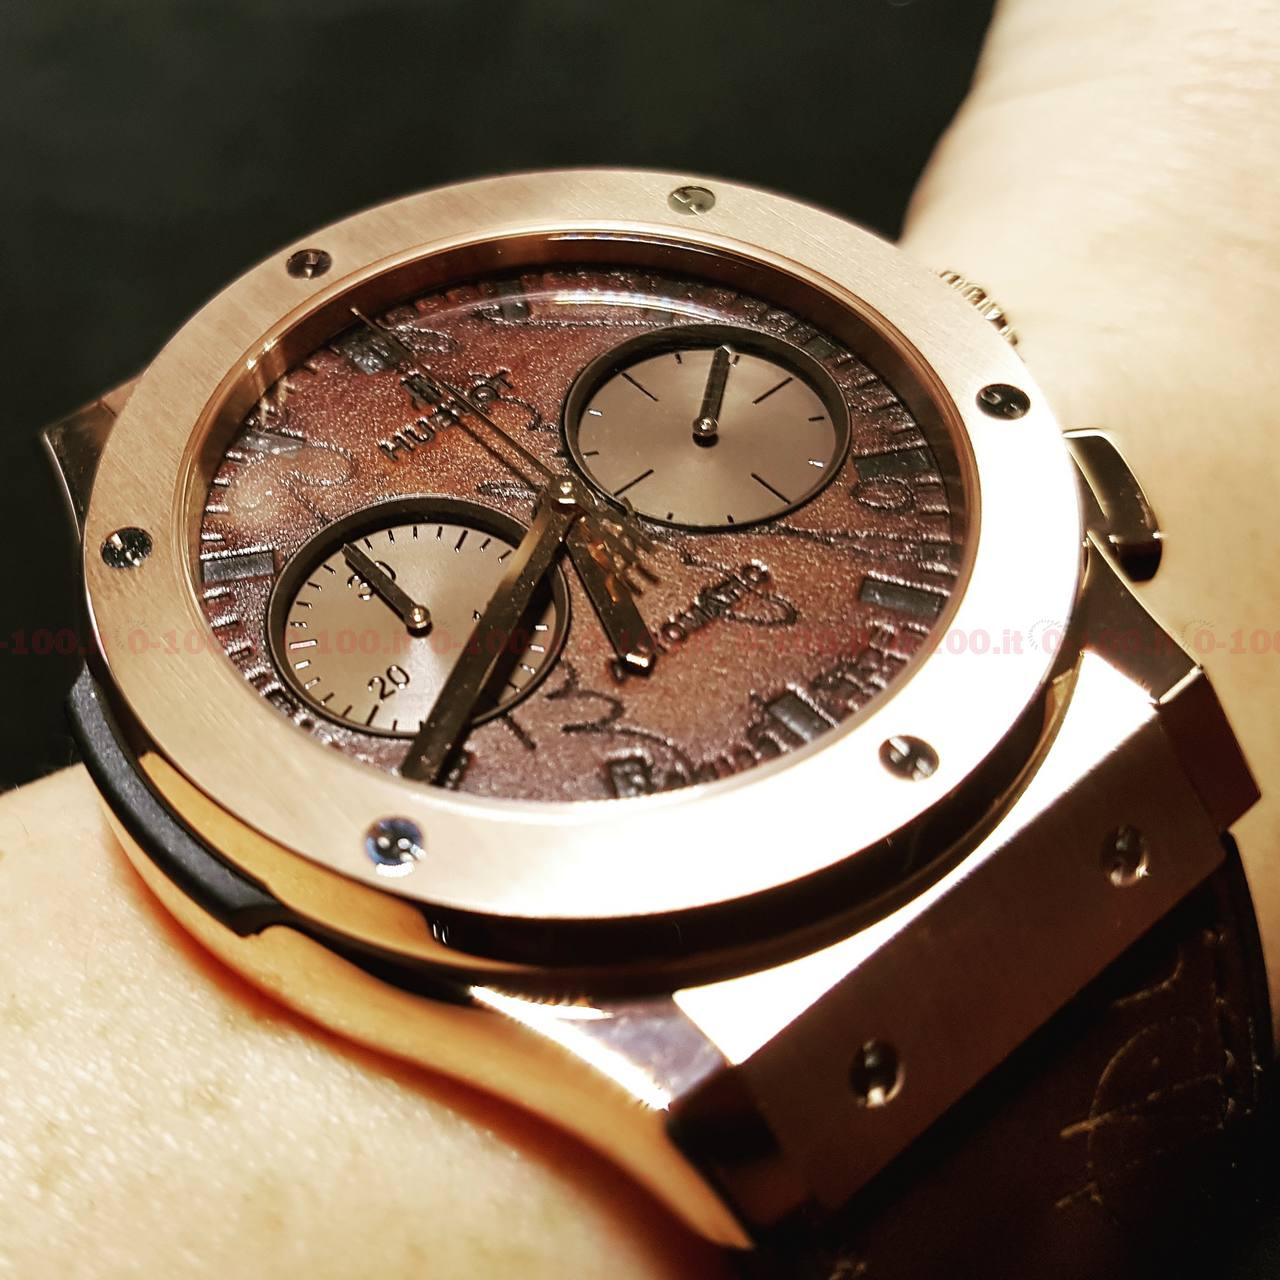 Hublot Classic Fusion Chronograph Berluti-prezo-price_0-1006